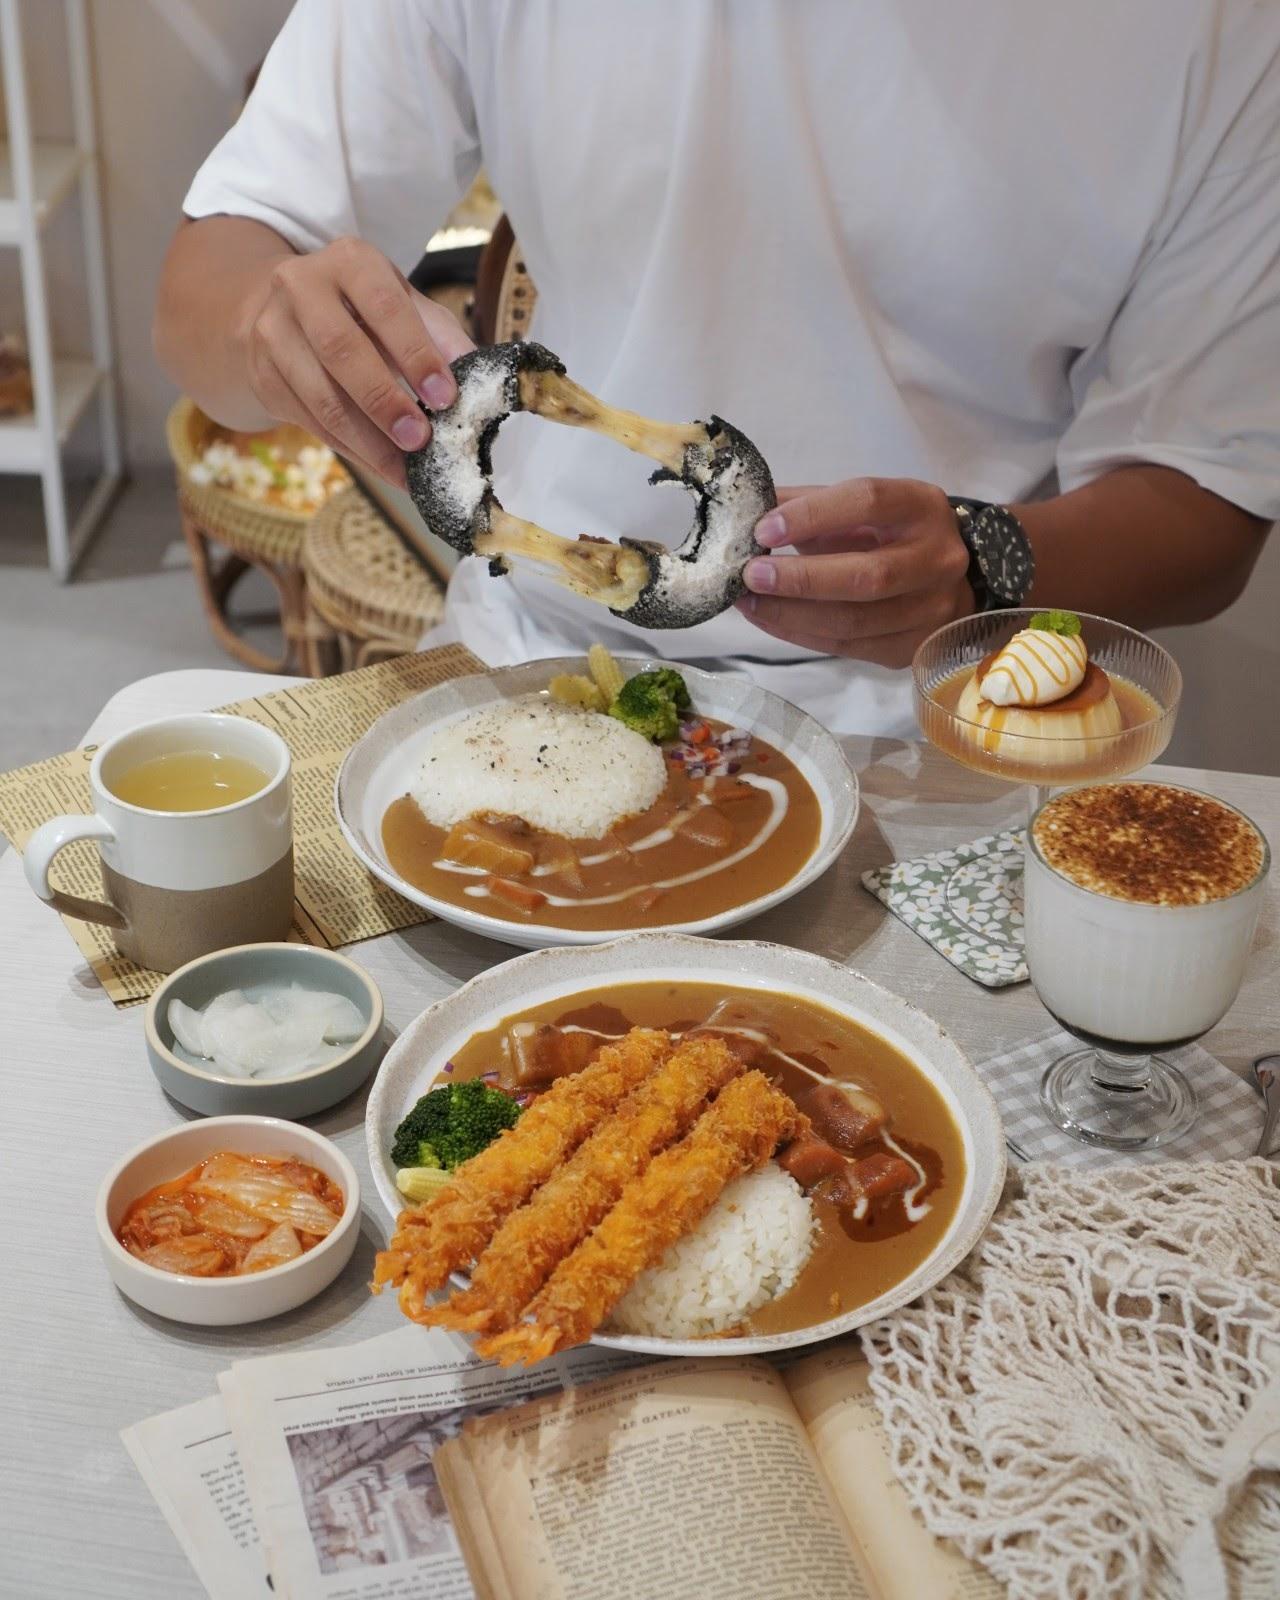 台南中西區美食【大丸家Curry Rice】台南絕美韓系咖哩專賣店!超人氣甜甜圈炸雞強勢推出新口味,銷魂牽絲讓人受不了